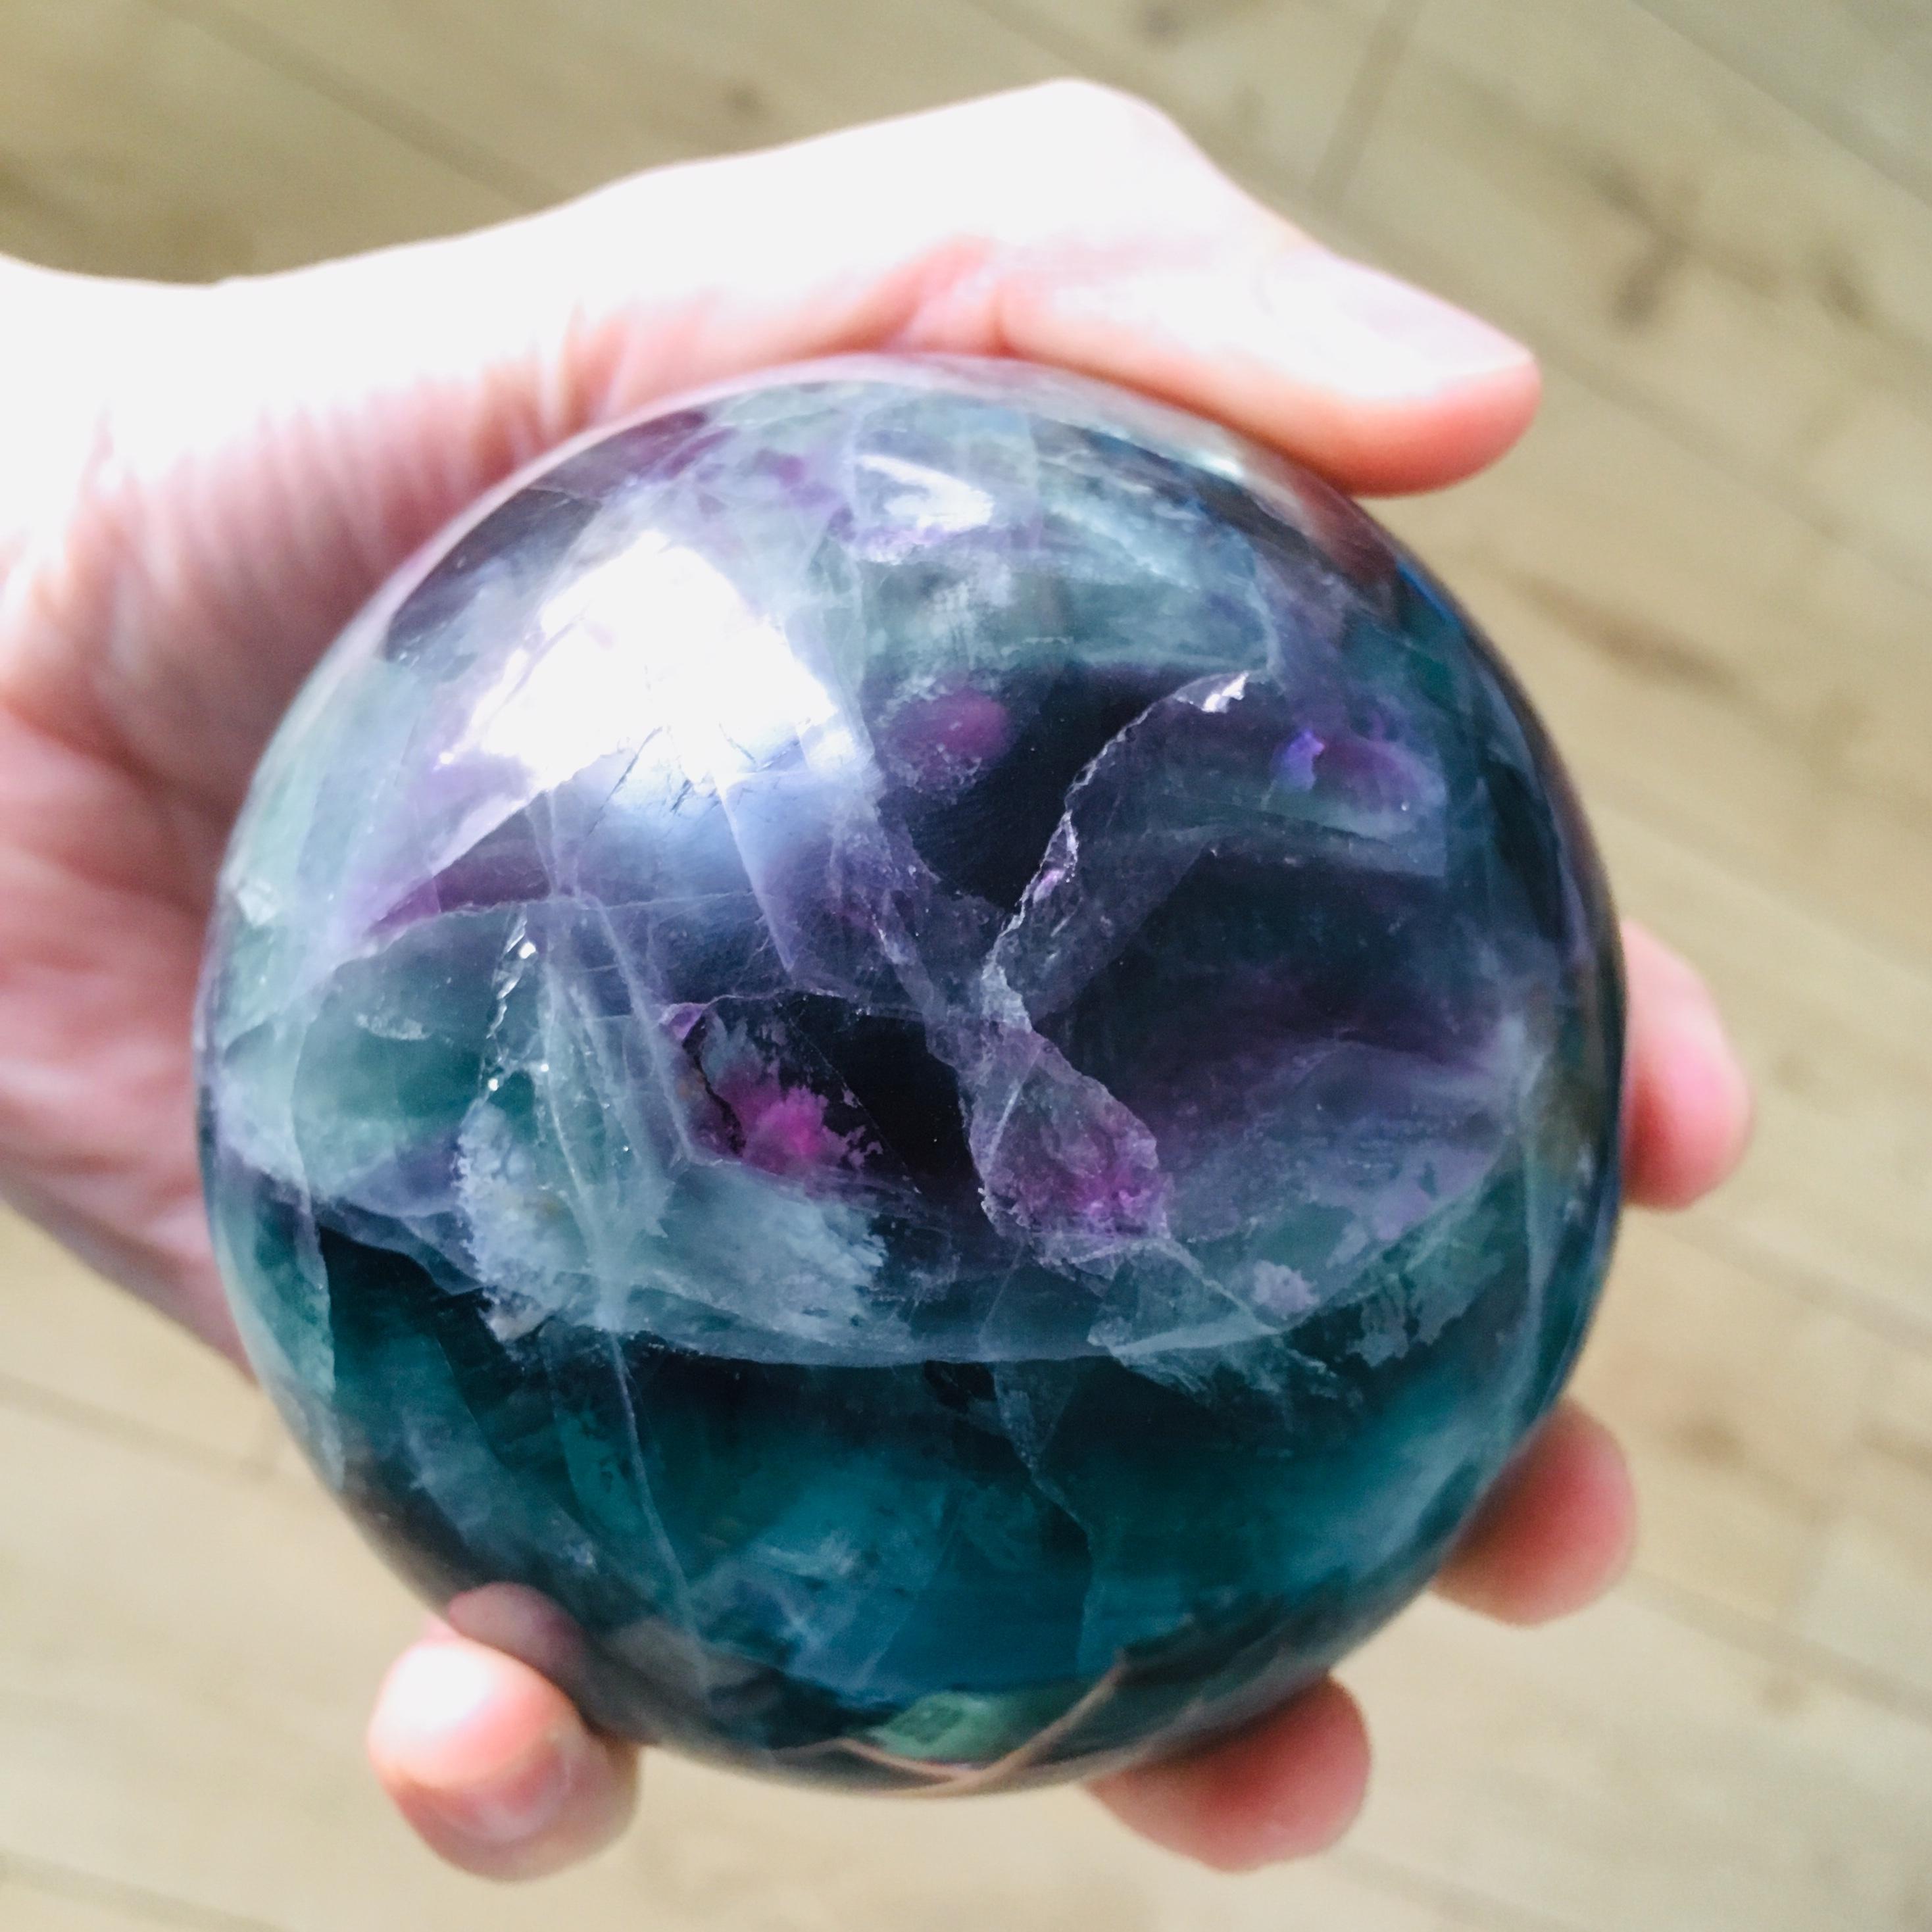 1kg Fluorite Crystal Sphere